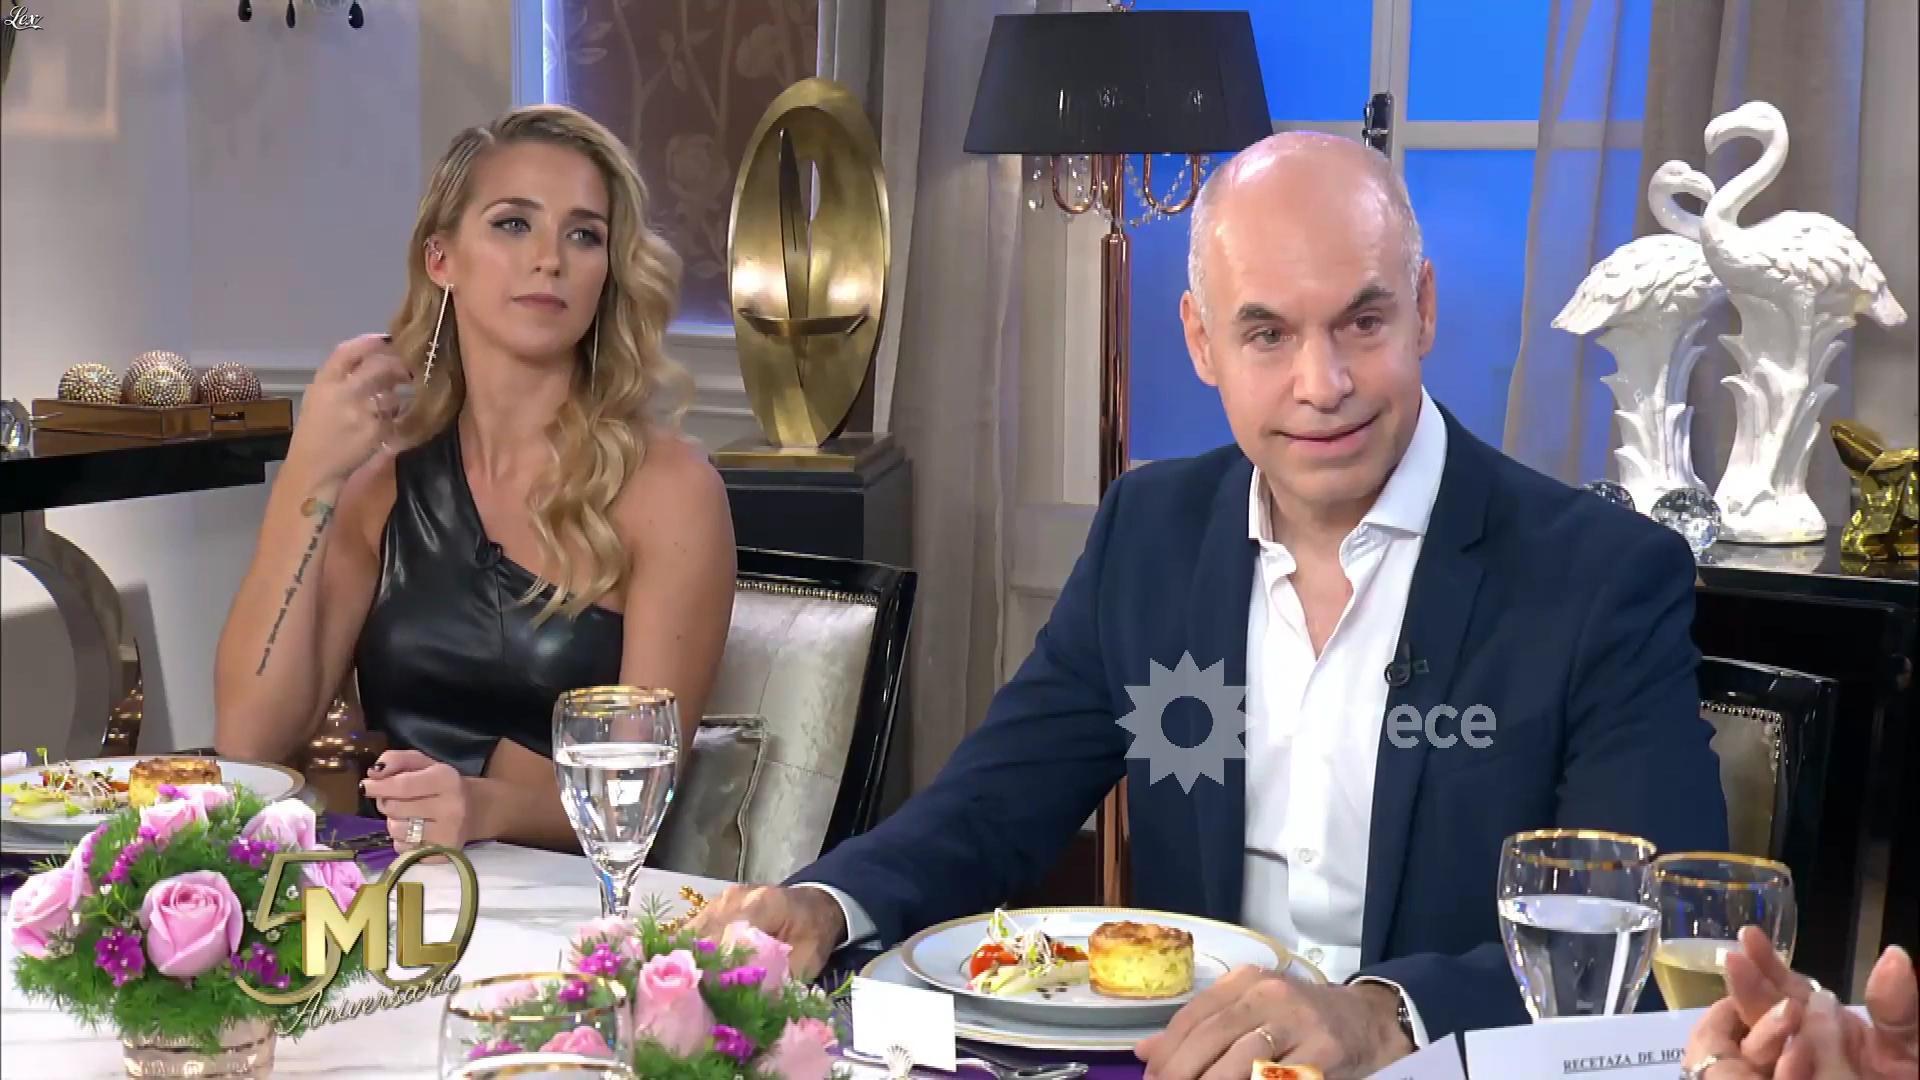 Soledad Fandino dans la Noche de Mirtha. Diffusé à la télévision le 20/10/18.